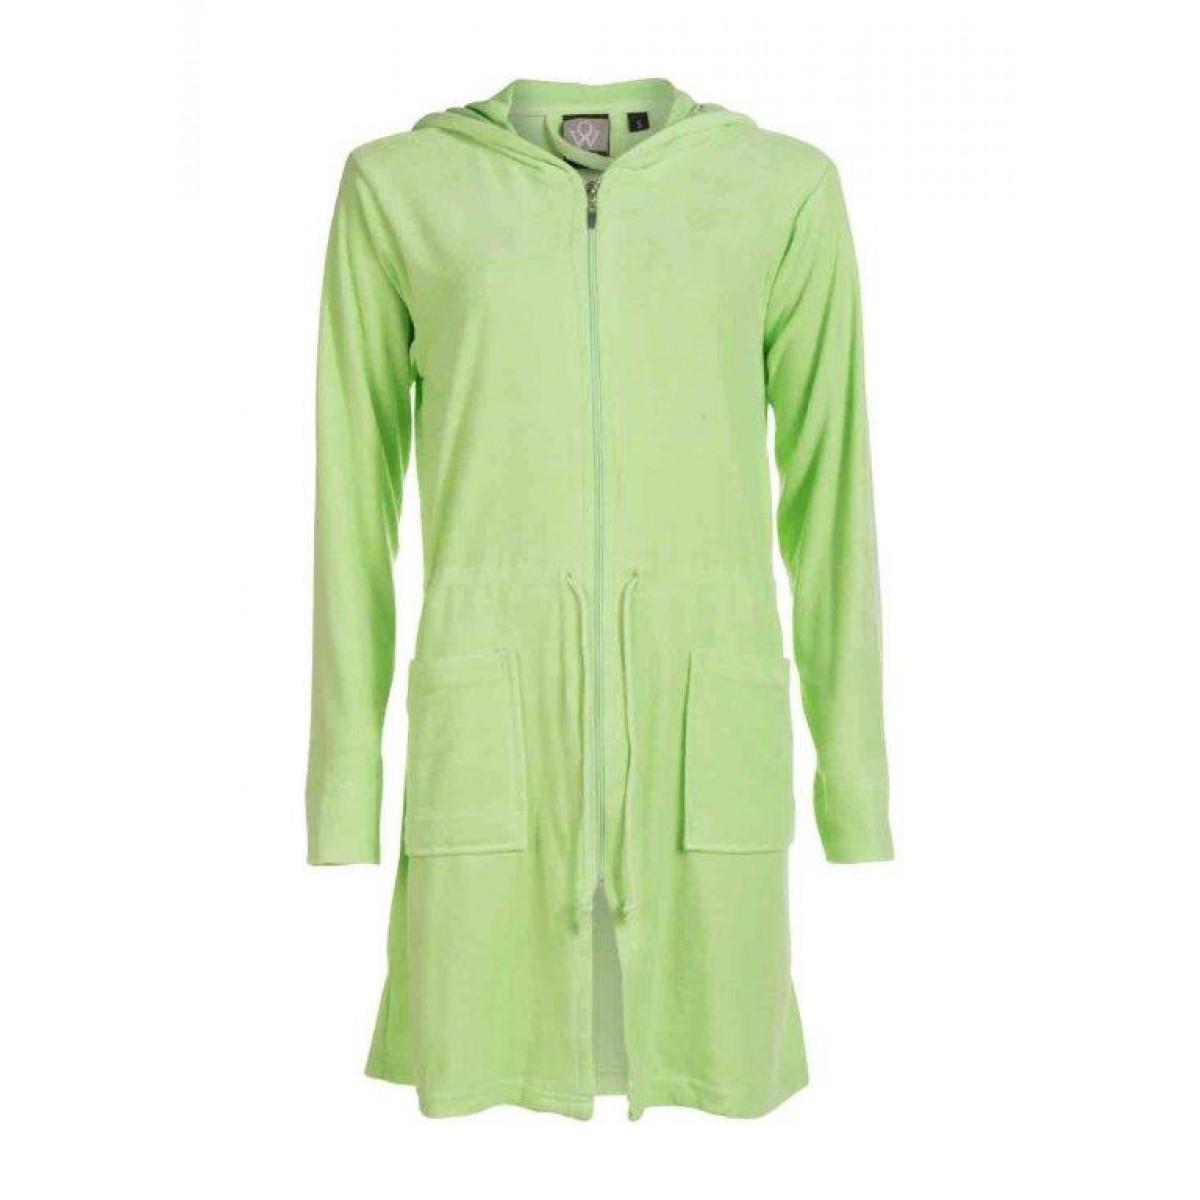 Groene dames badjas met rits